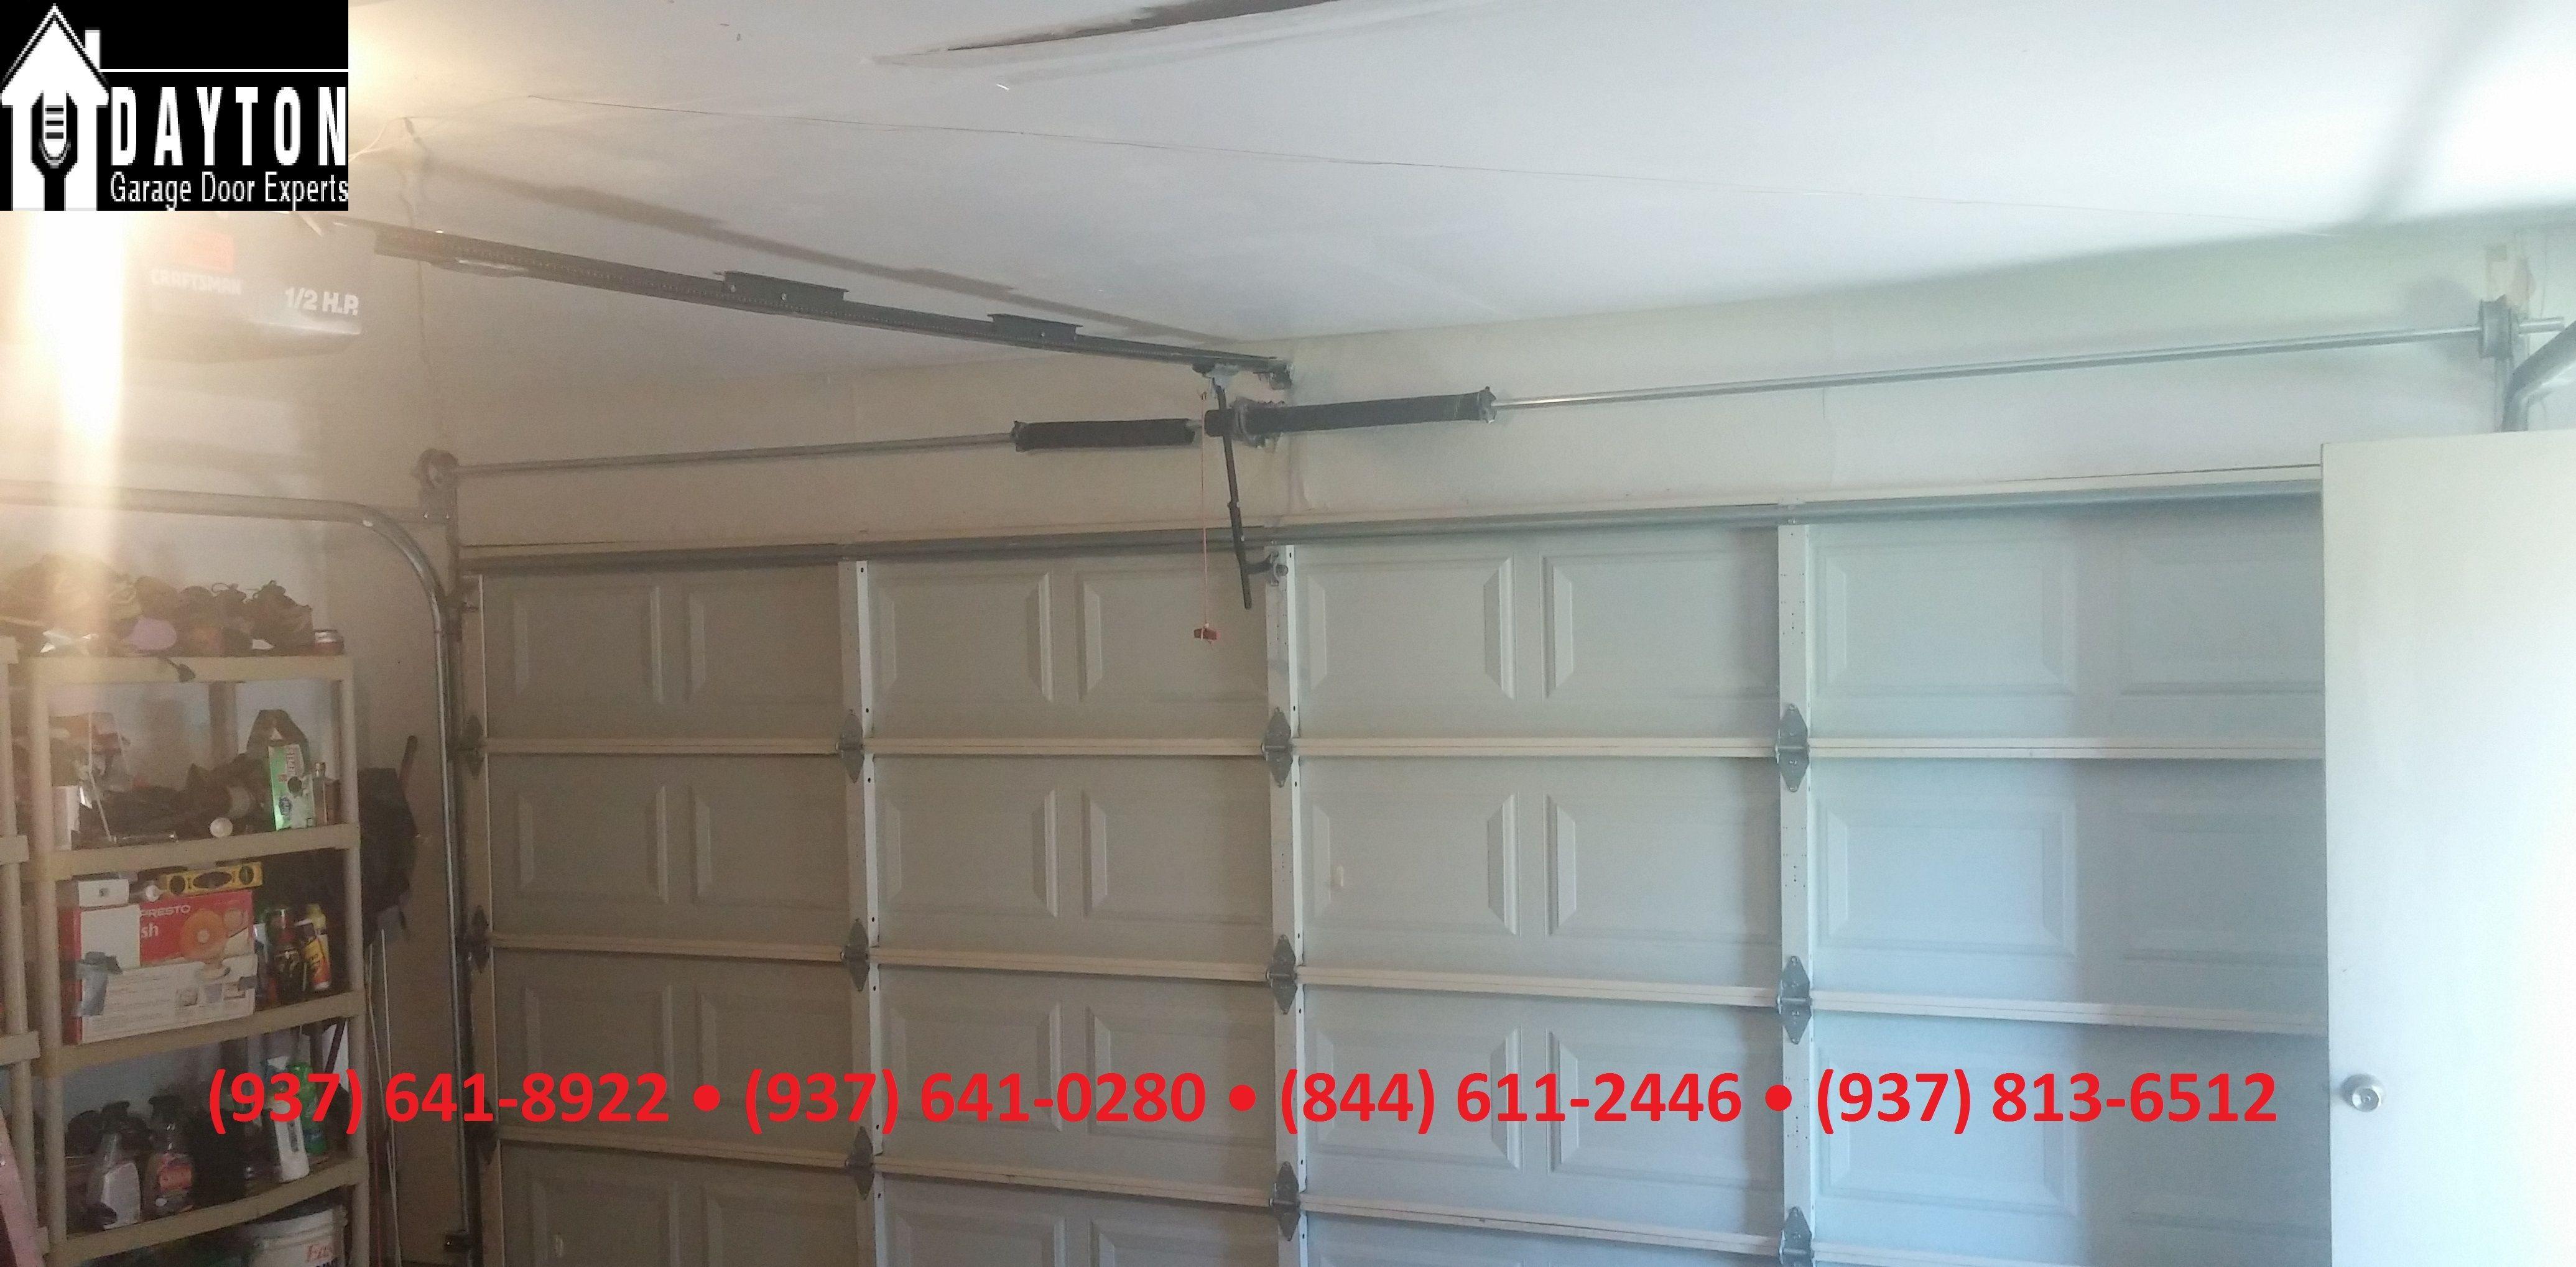 Guardian 628 Pro Series 34 Hp Garage Door Opener Features